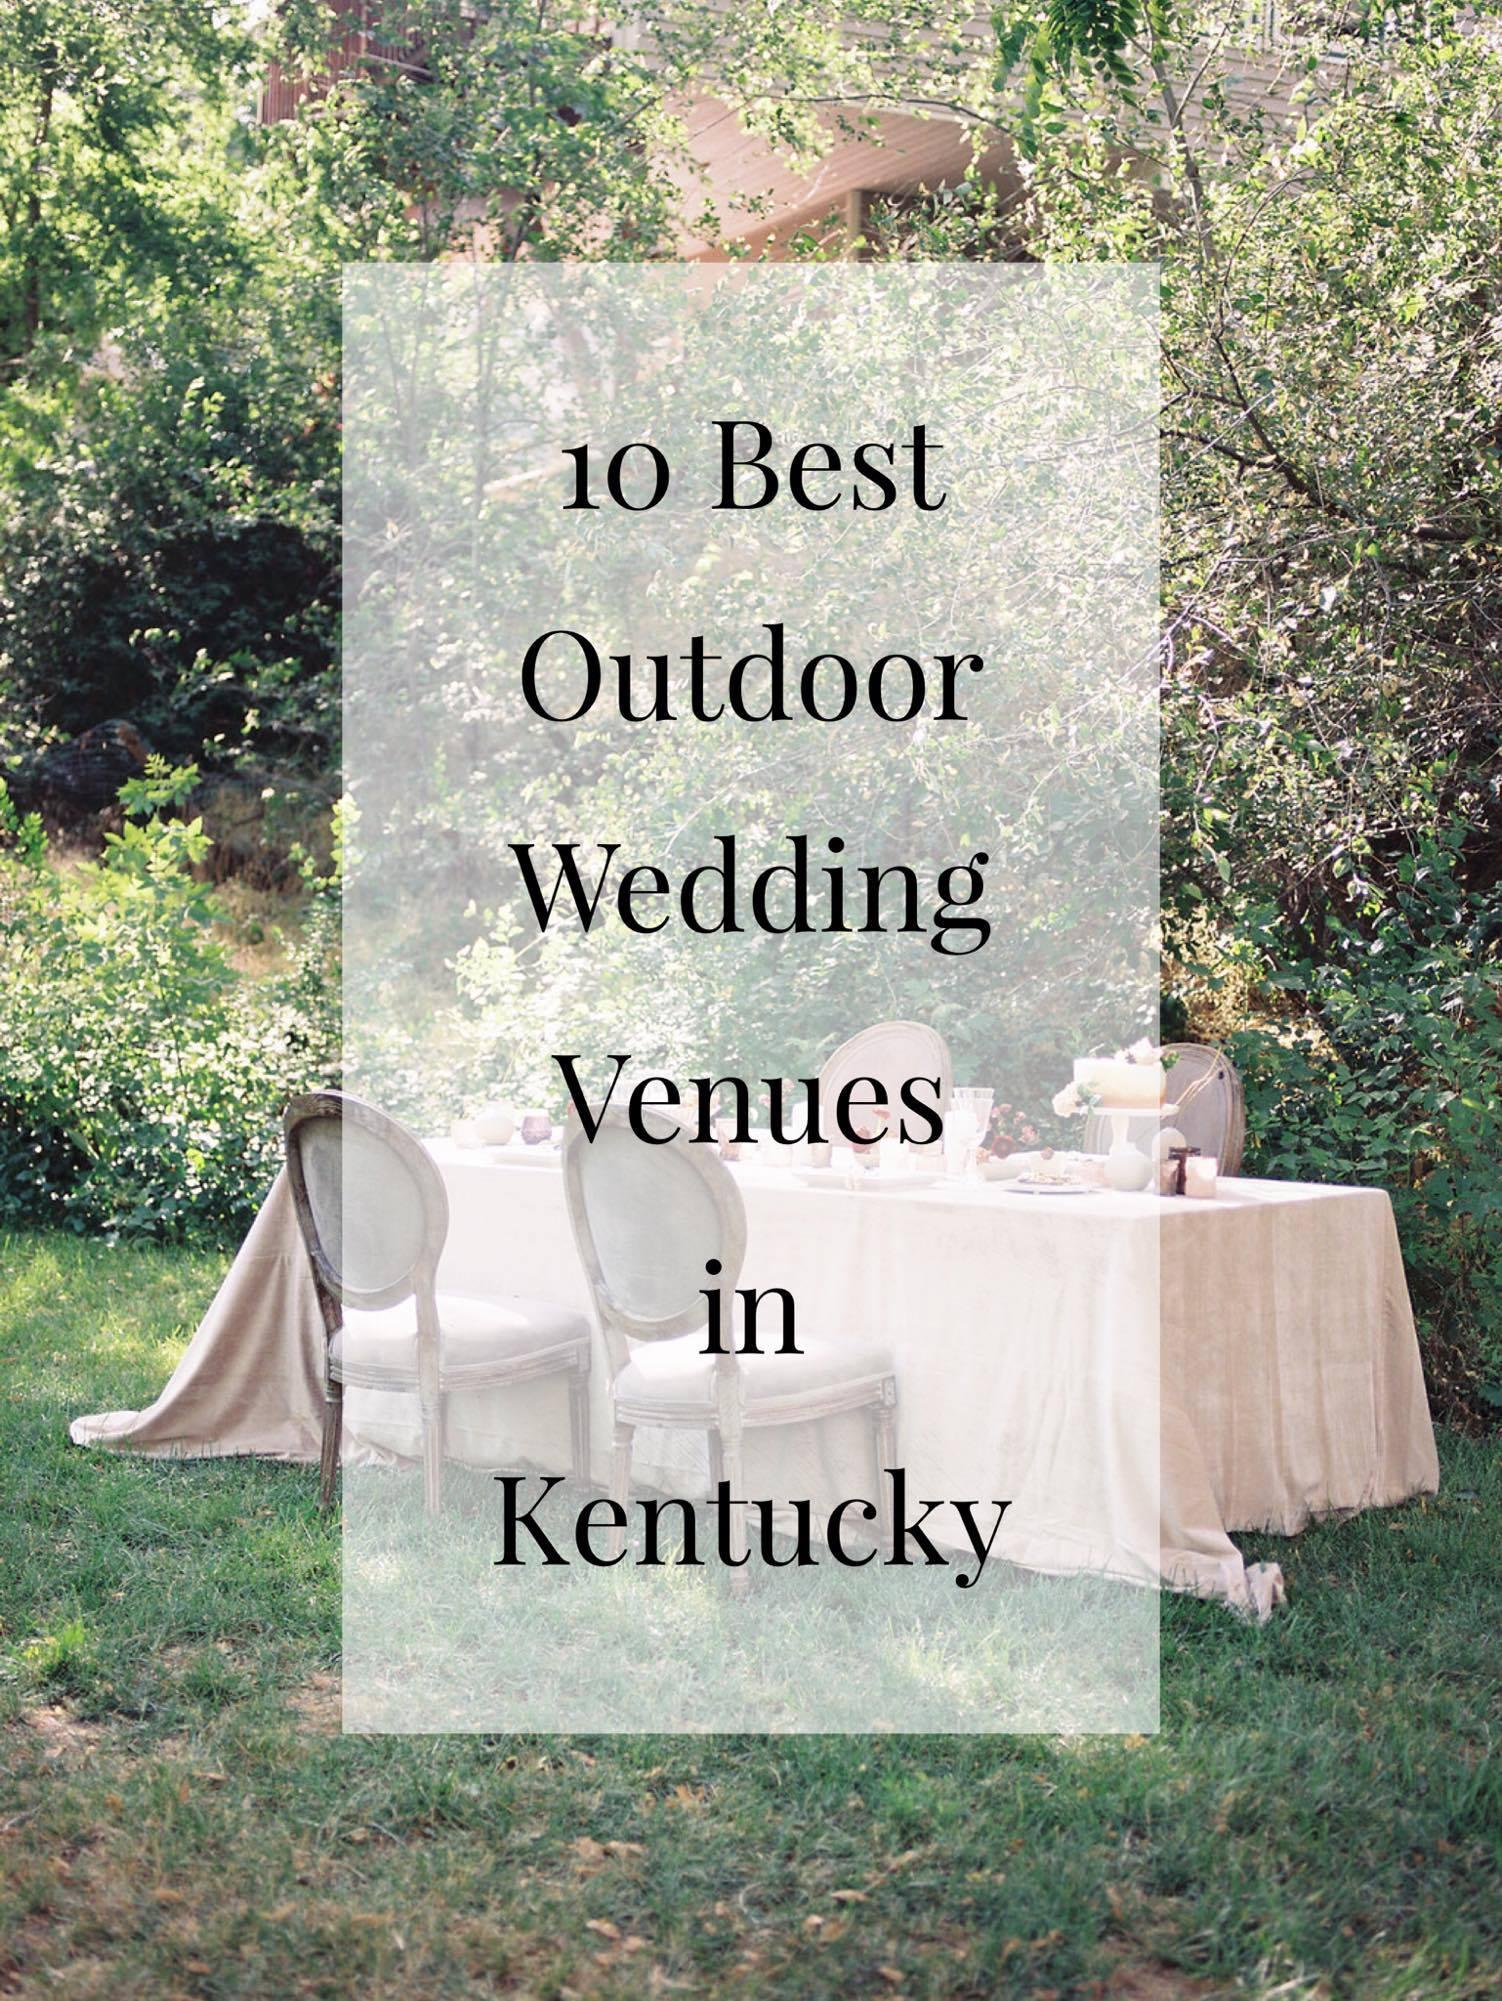 10 Best Outdoor Wedding Venues In Kentucky